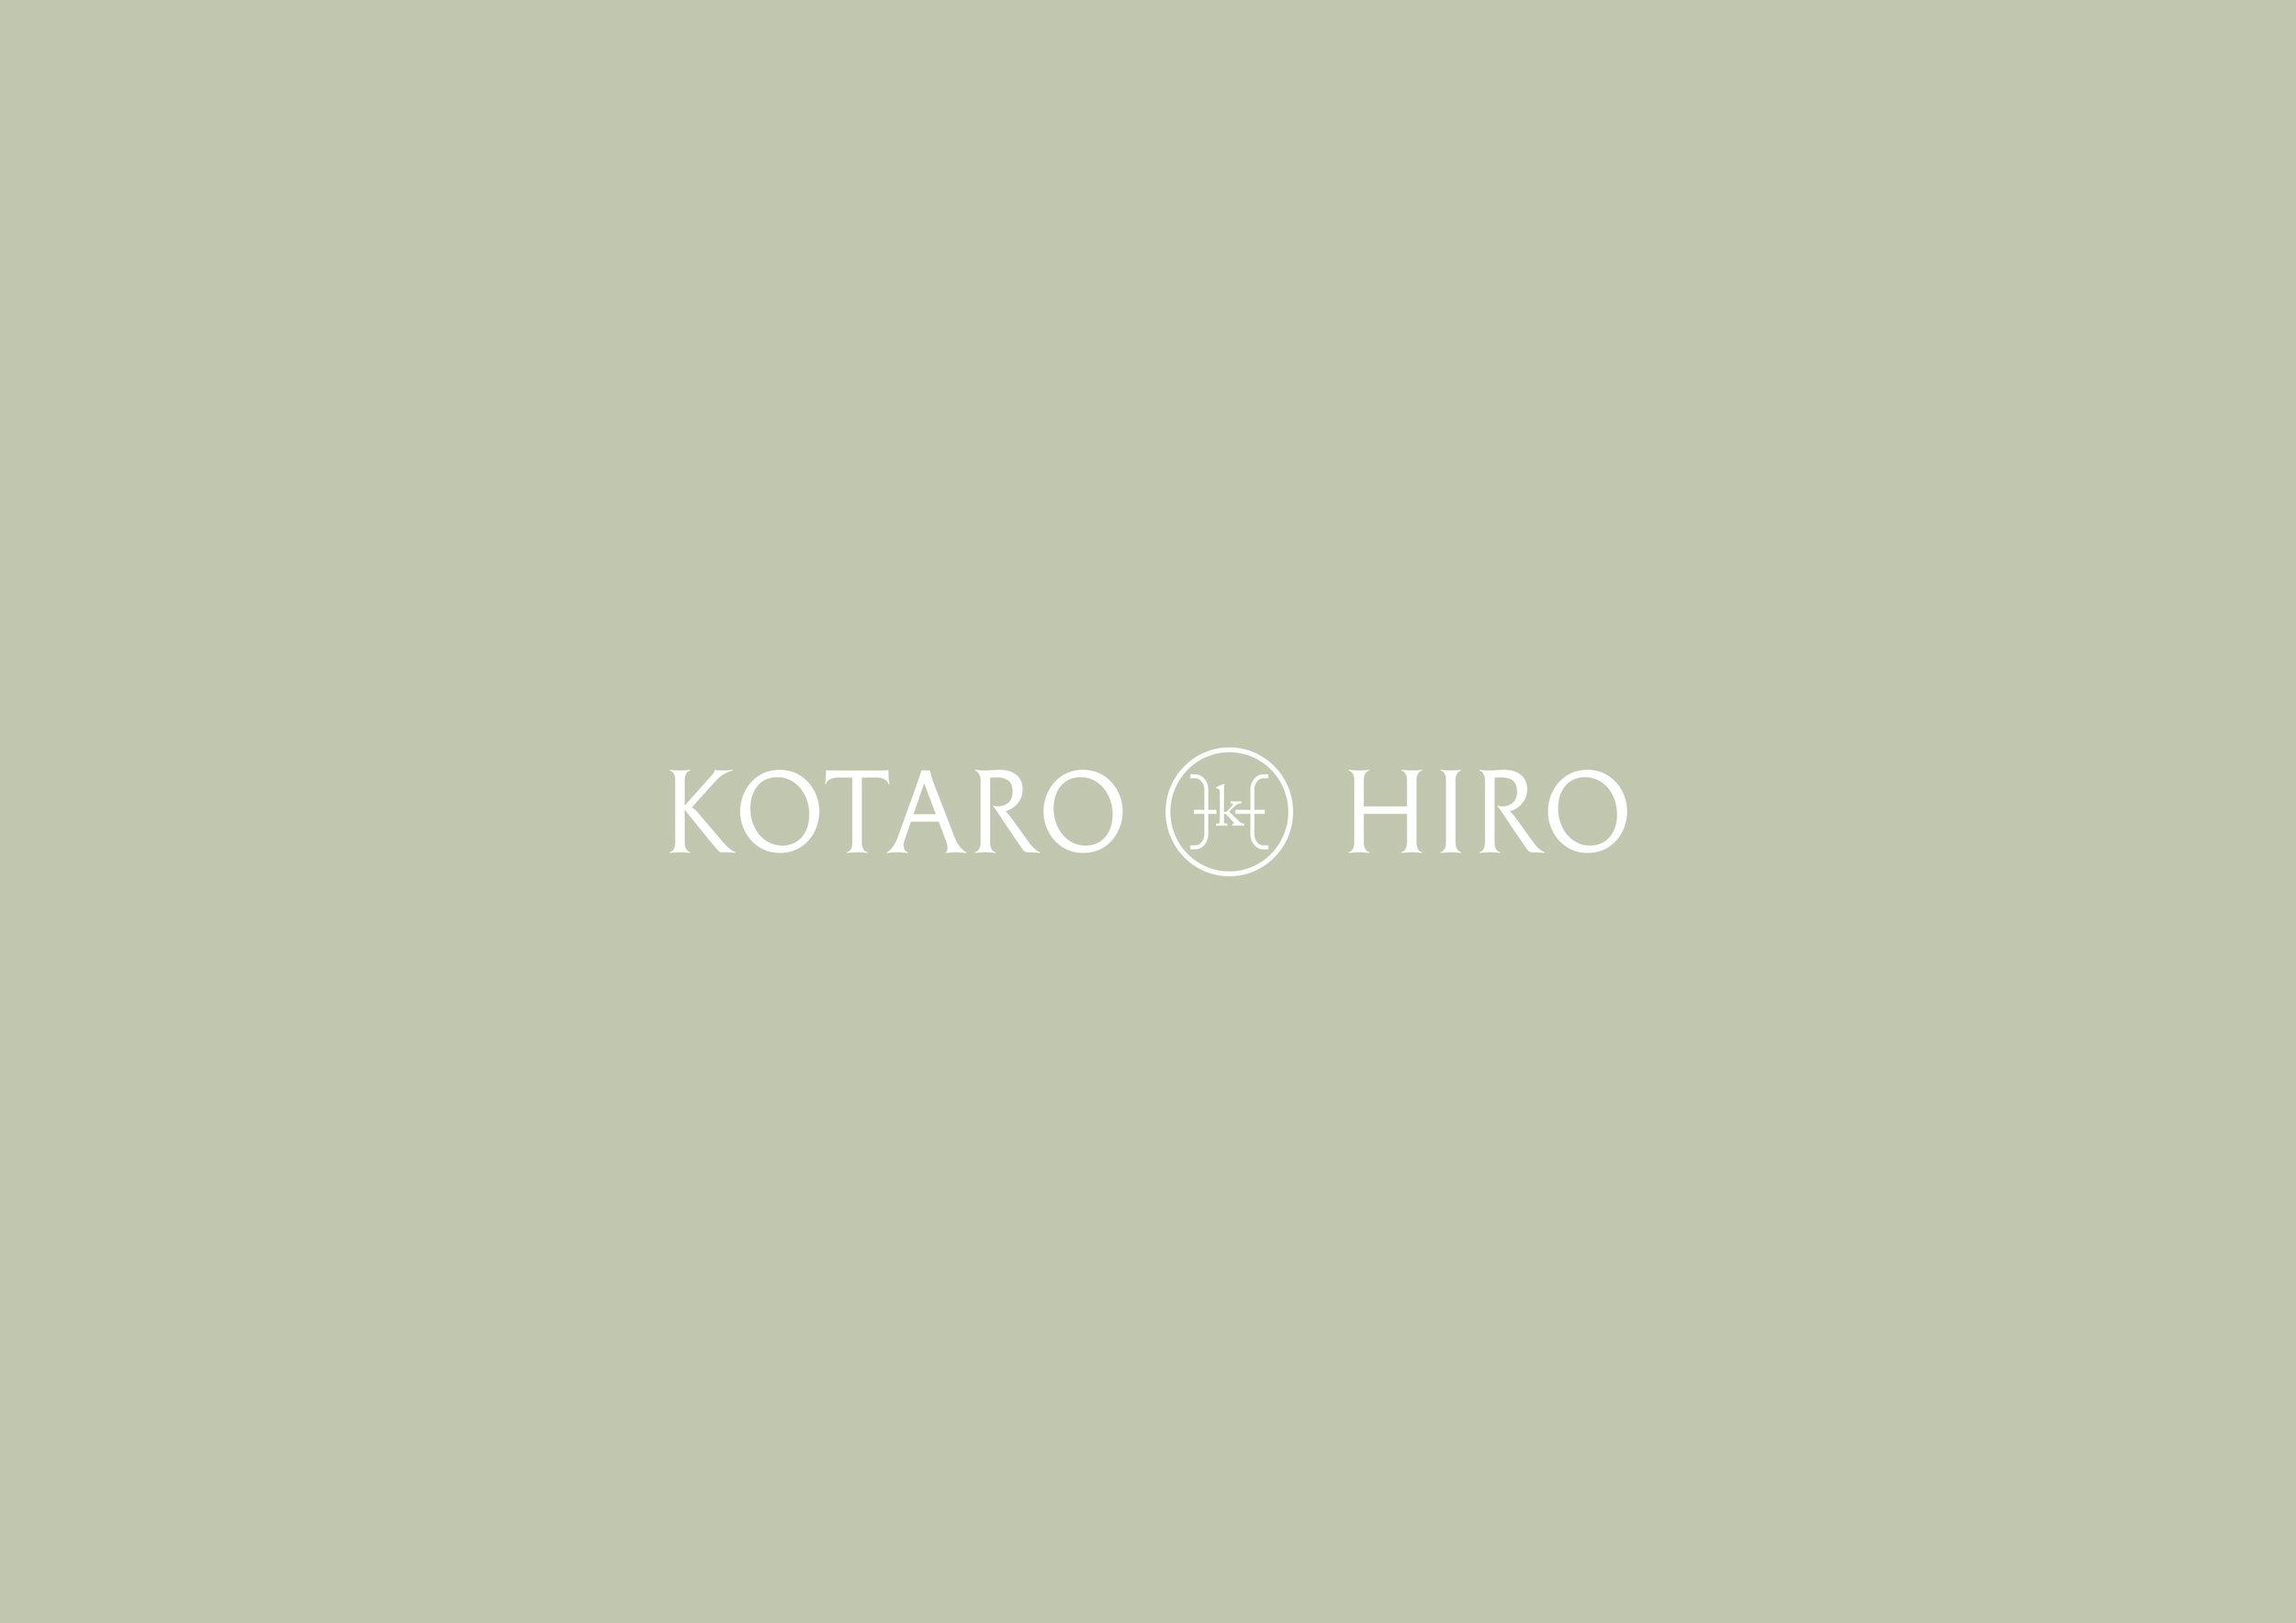 kh2.jpg